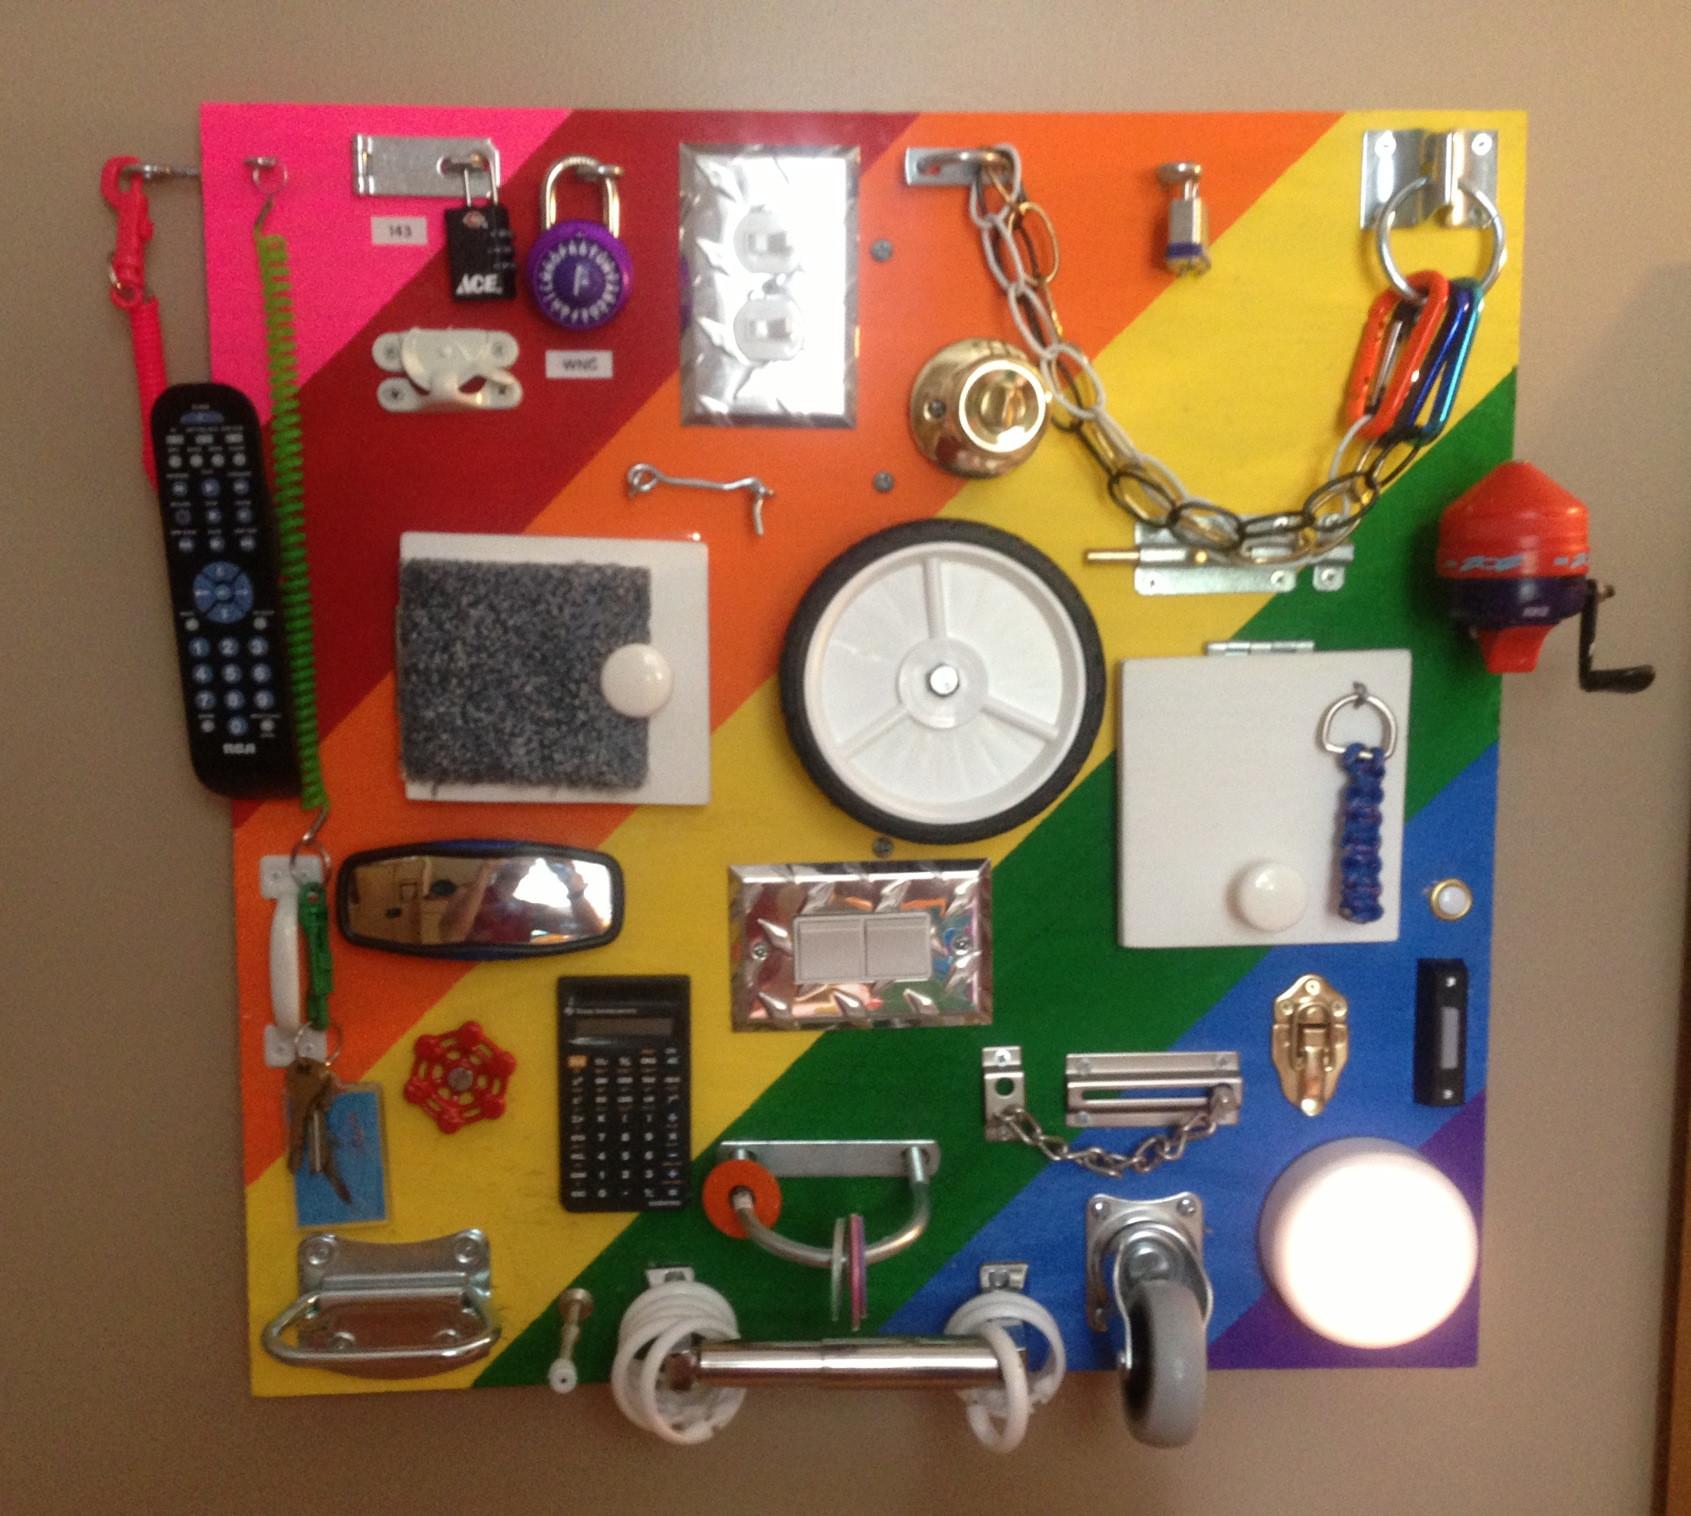 Un tableau avec des serrures ou une télécommande pour un enfant avec ses propres mains (exemples de photos)